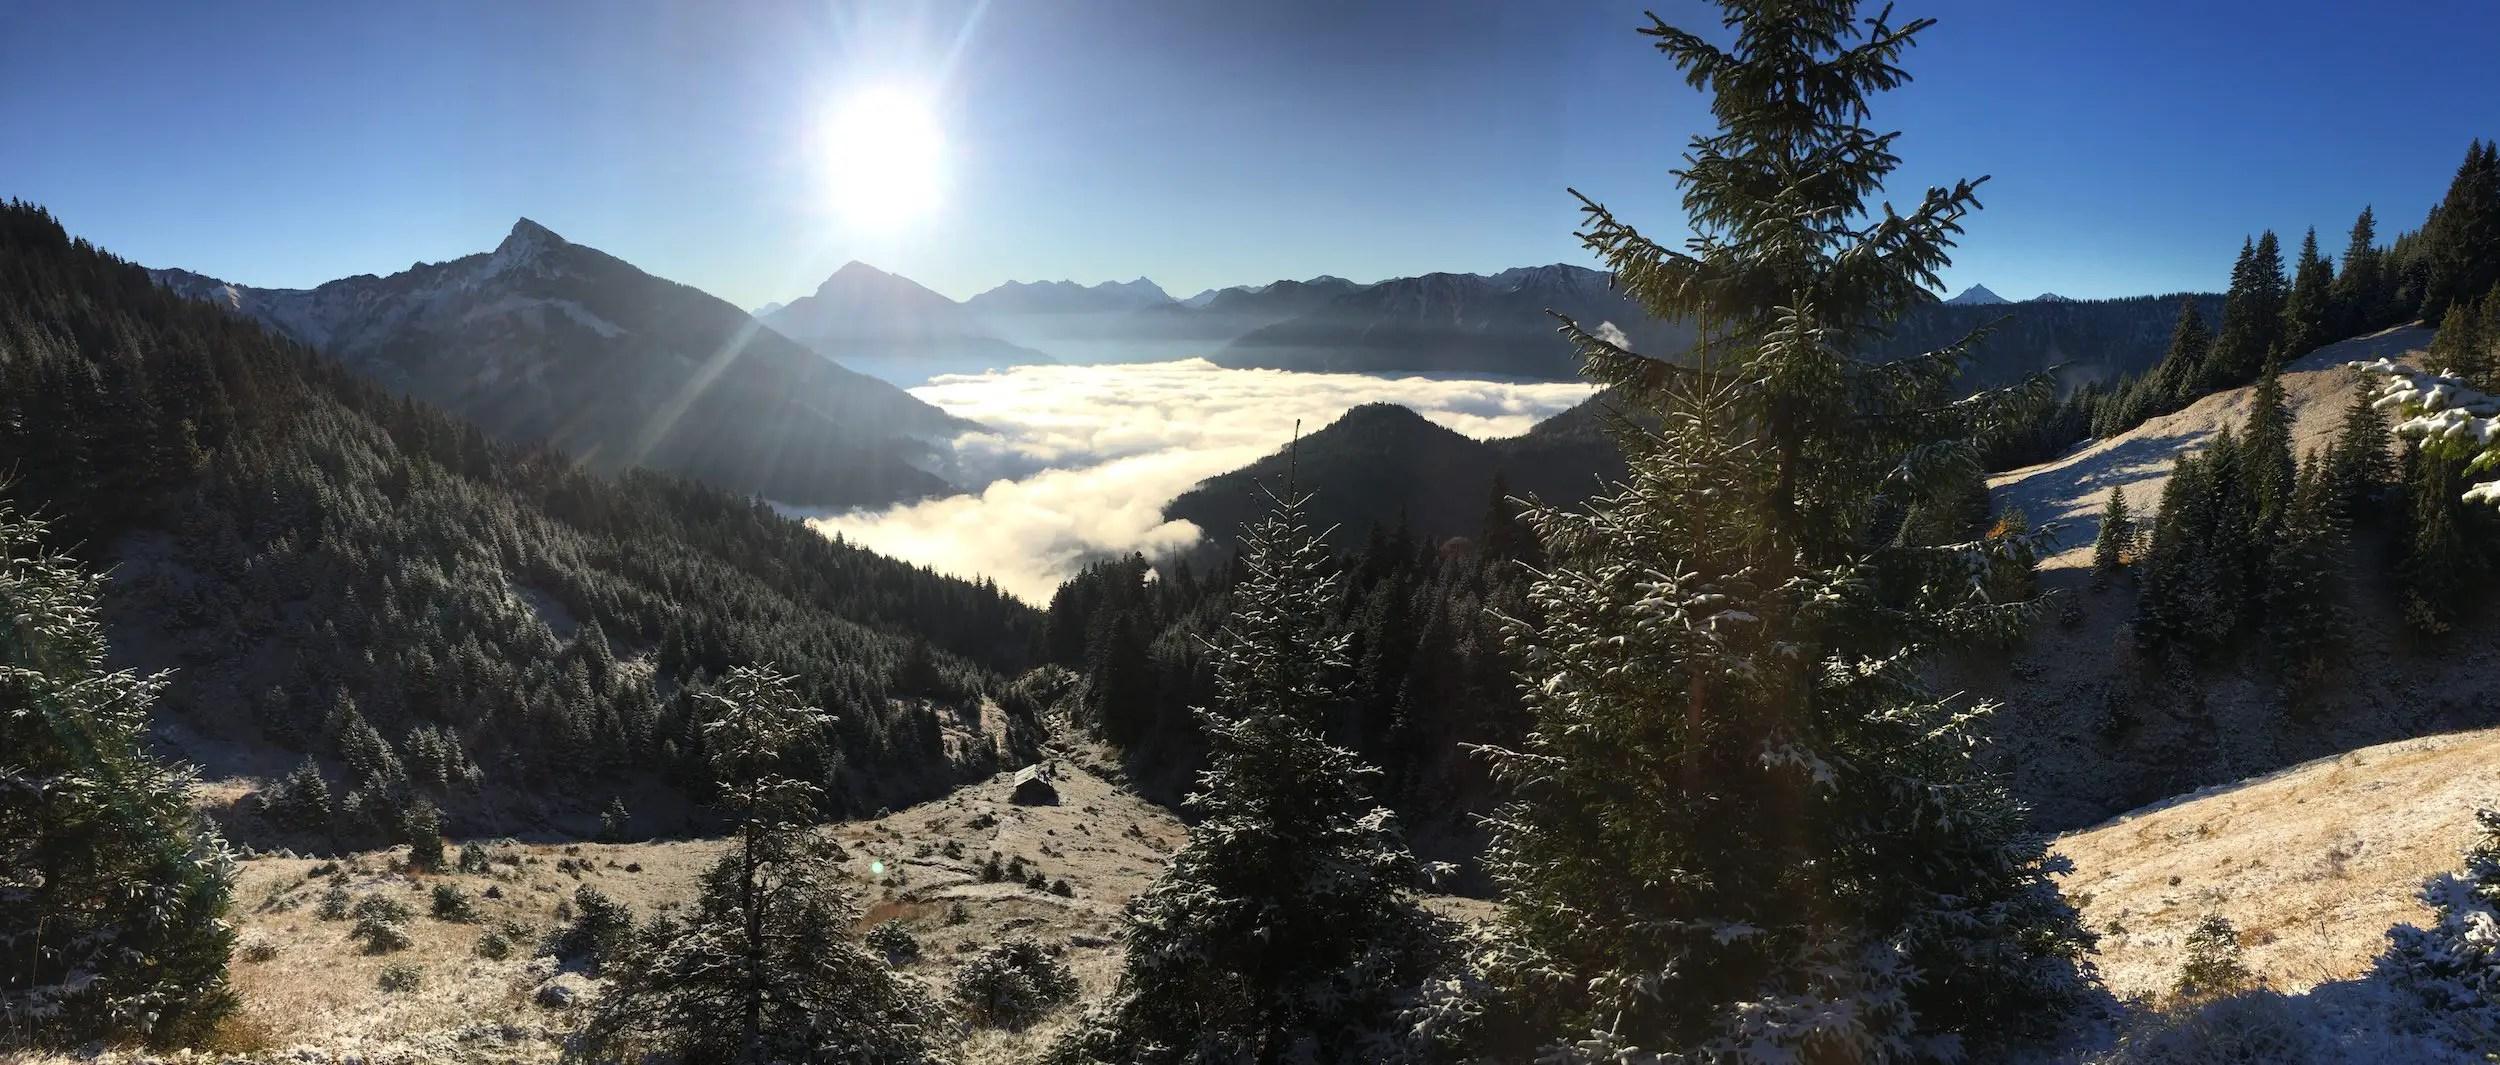 Panorama vom Aufstieg zur Krinnenspitze